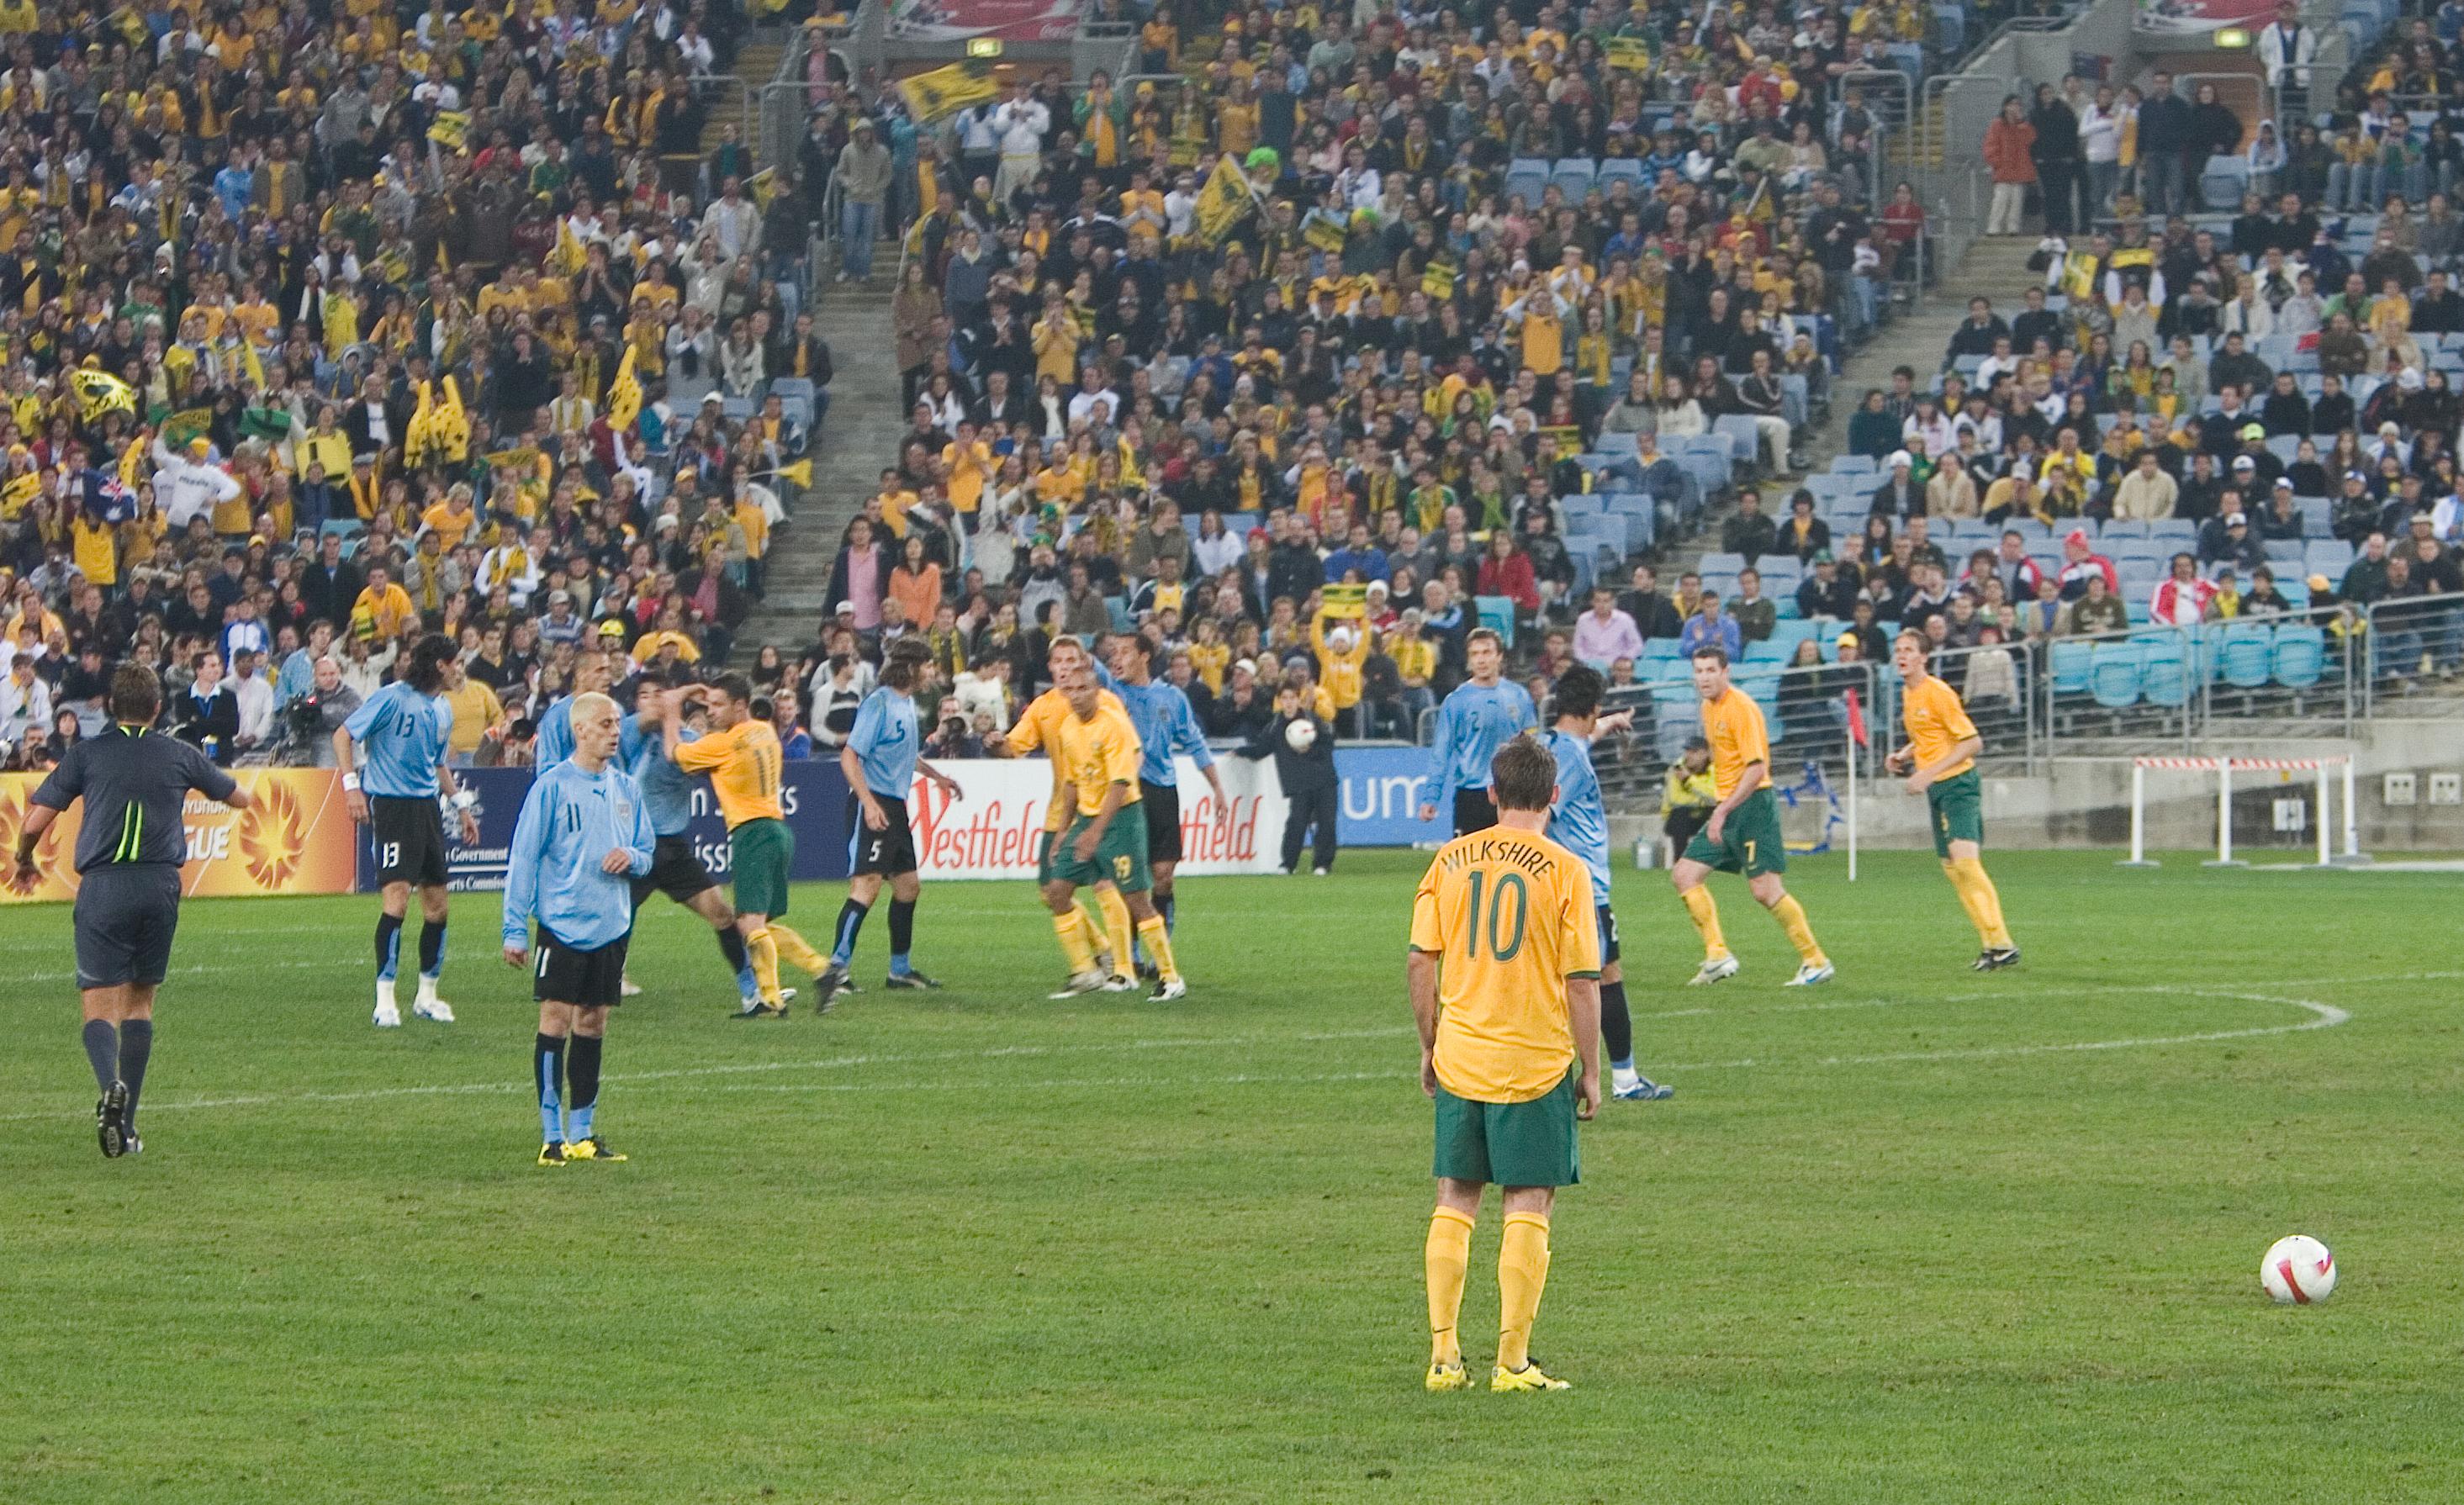 Fútbol en Australia - Wikipedia 3ab434da63628